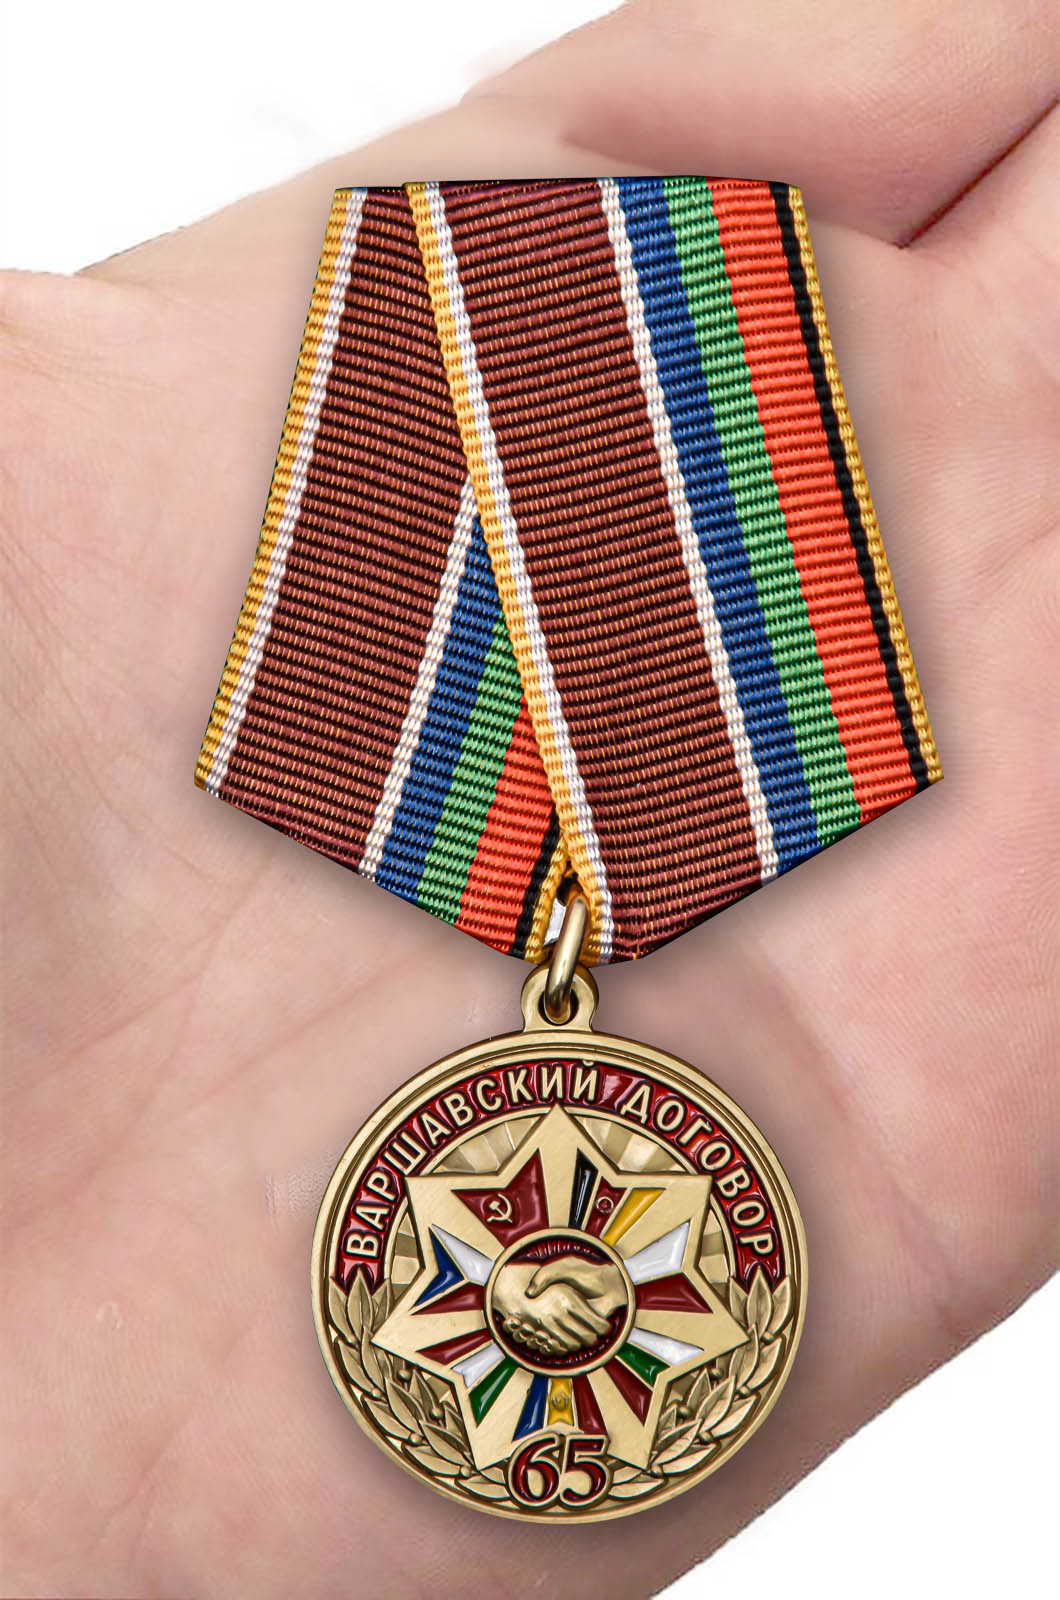 Наградная медаль «65 лет Варшавскому договору» - в подарочном футляре с пластиковой прозрачной крышкой - вид на ладони